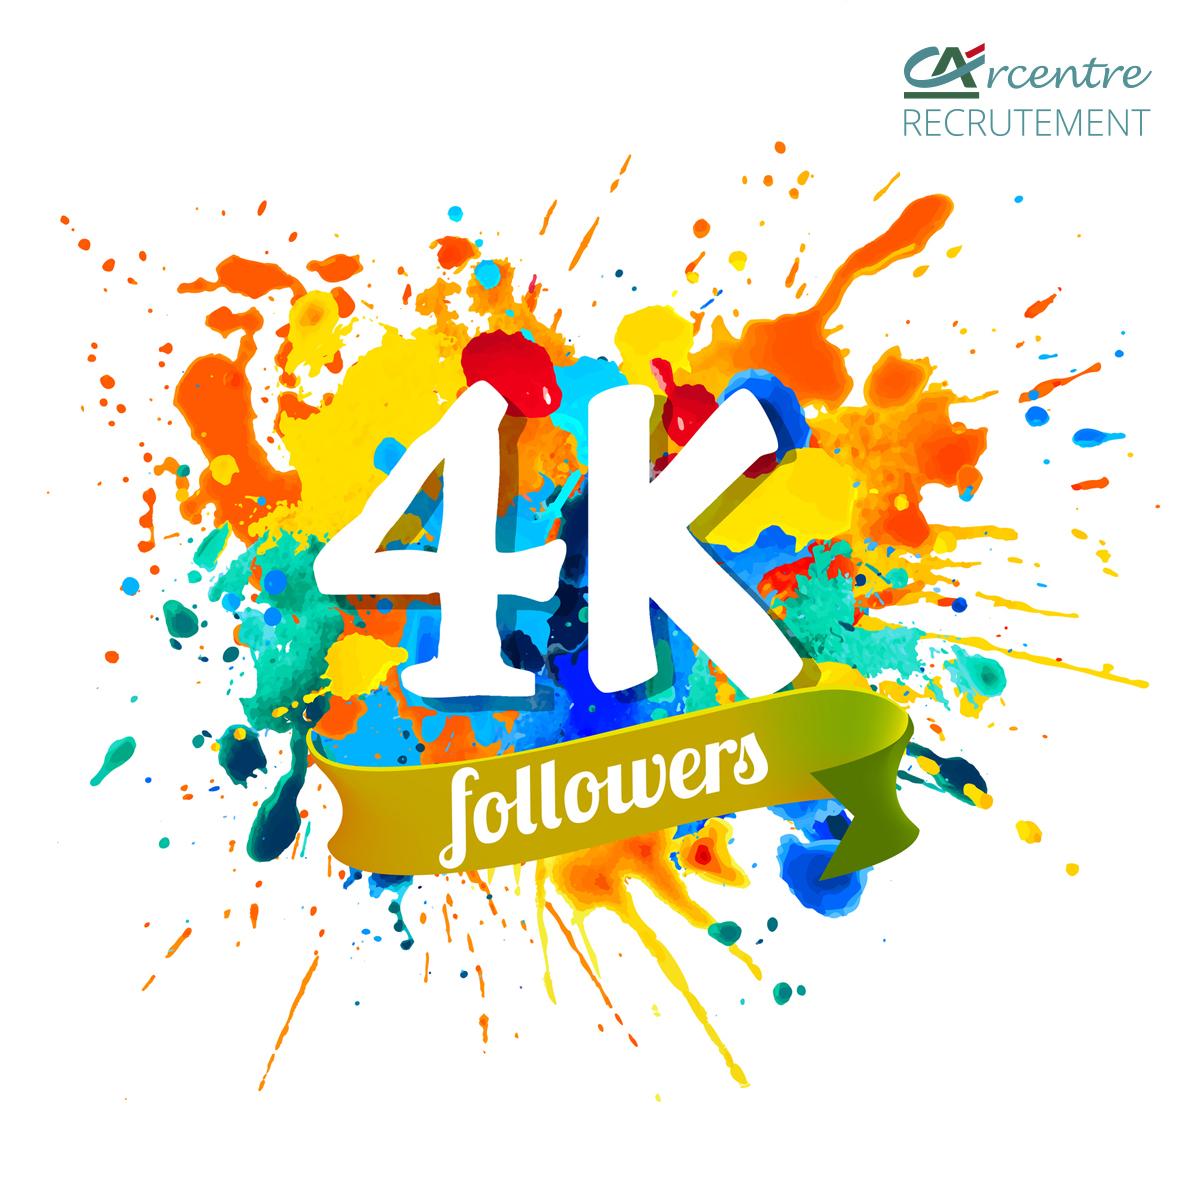 Campagne réseaux sociaux: 4000 followers